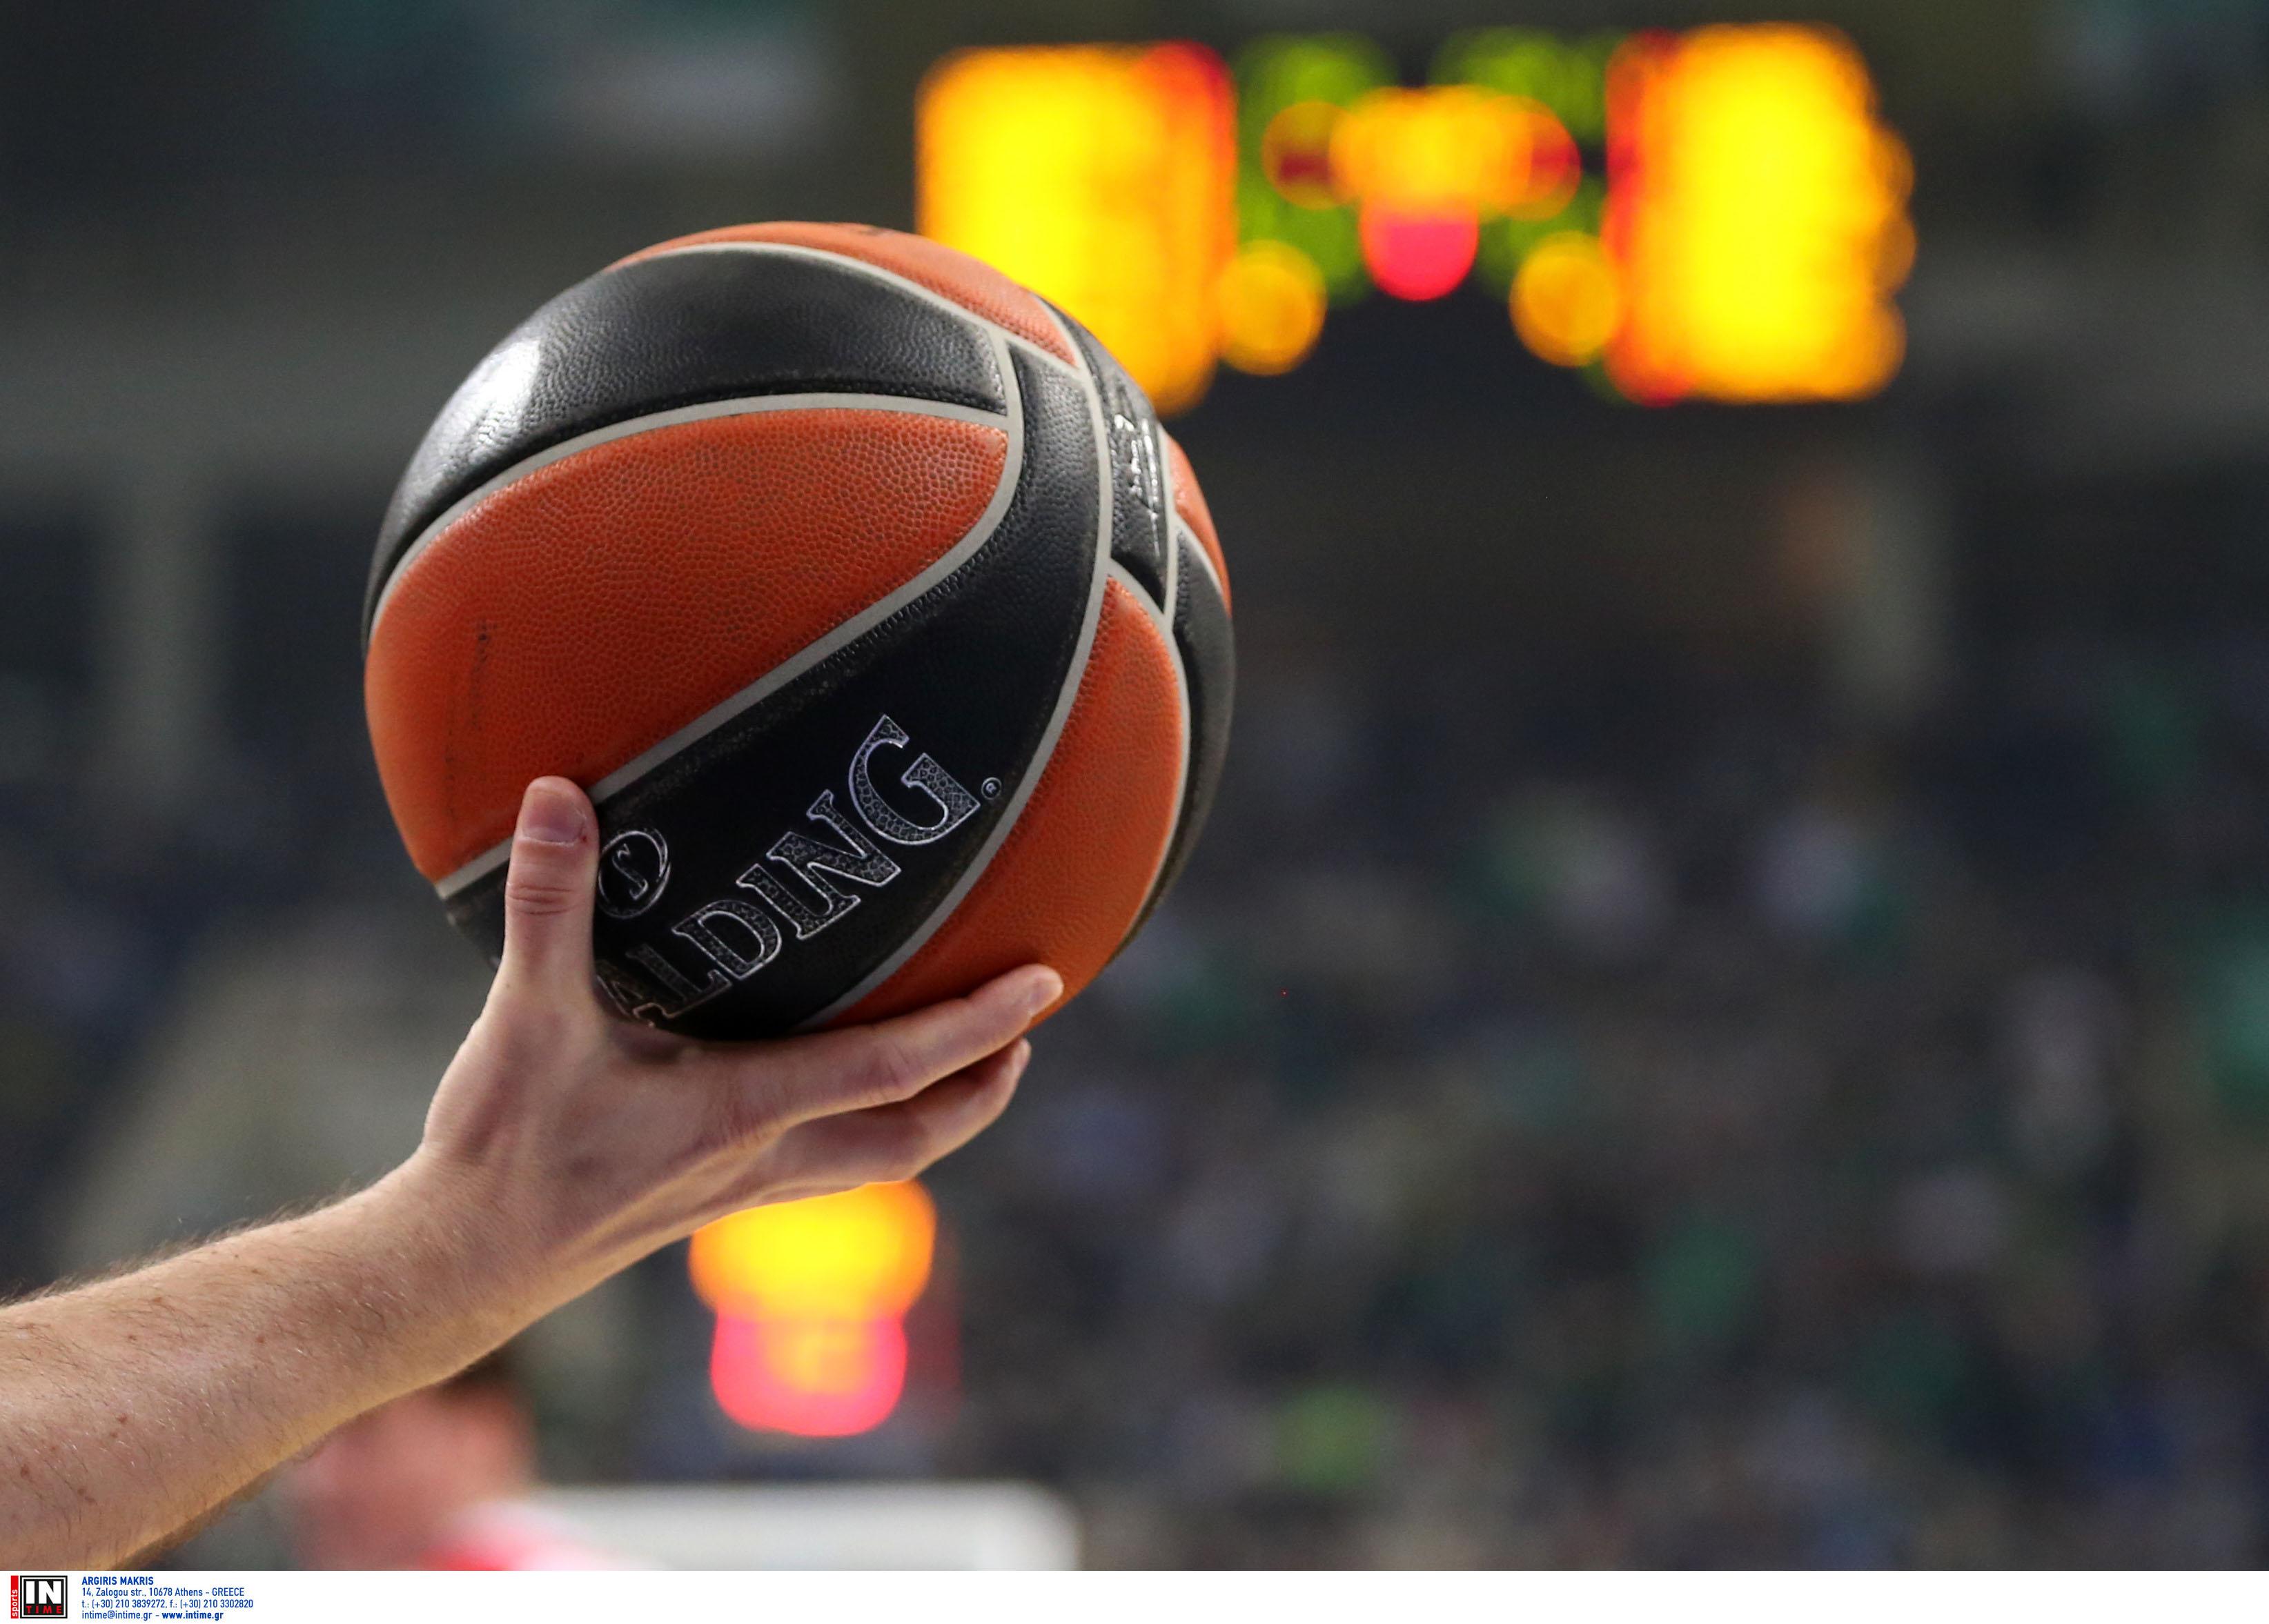 Euroleague: Η Ρεάλ…. συνέρχεται! Τέταρτη σερί νίκη με θύμα τη Μακάμπι (video)